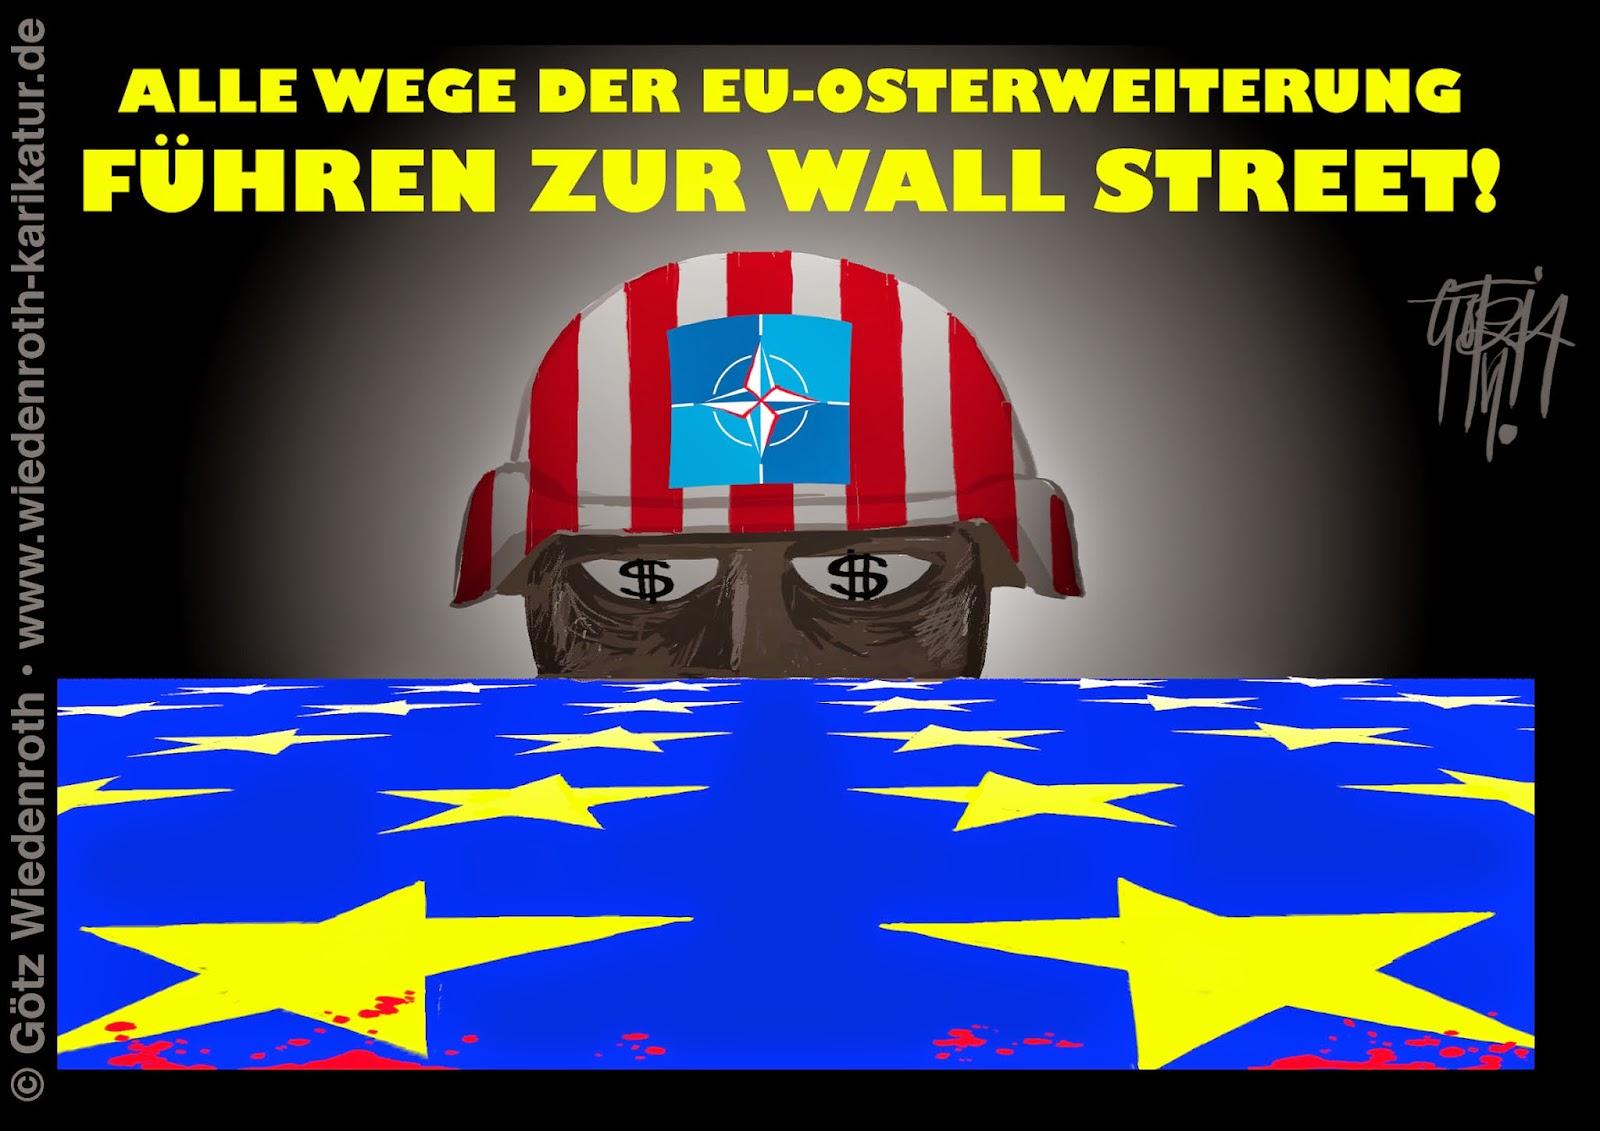 Die NATO und der Geburtstag, auf den man lieber verzichtet hätte